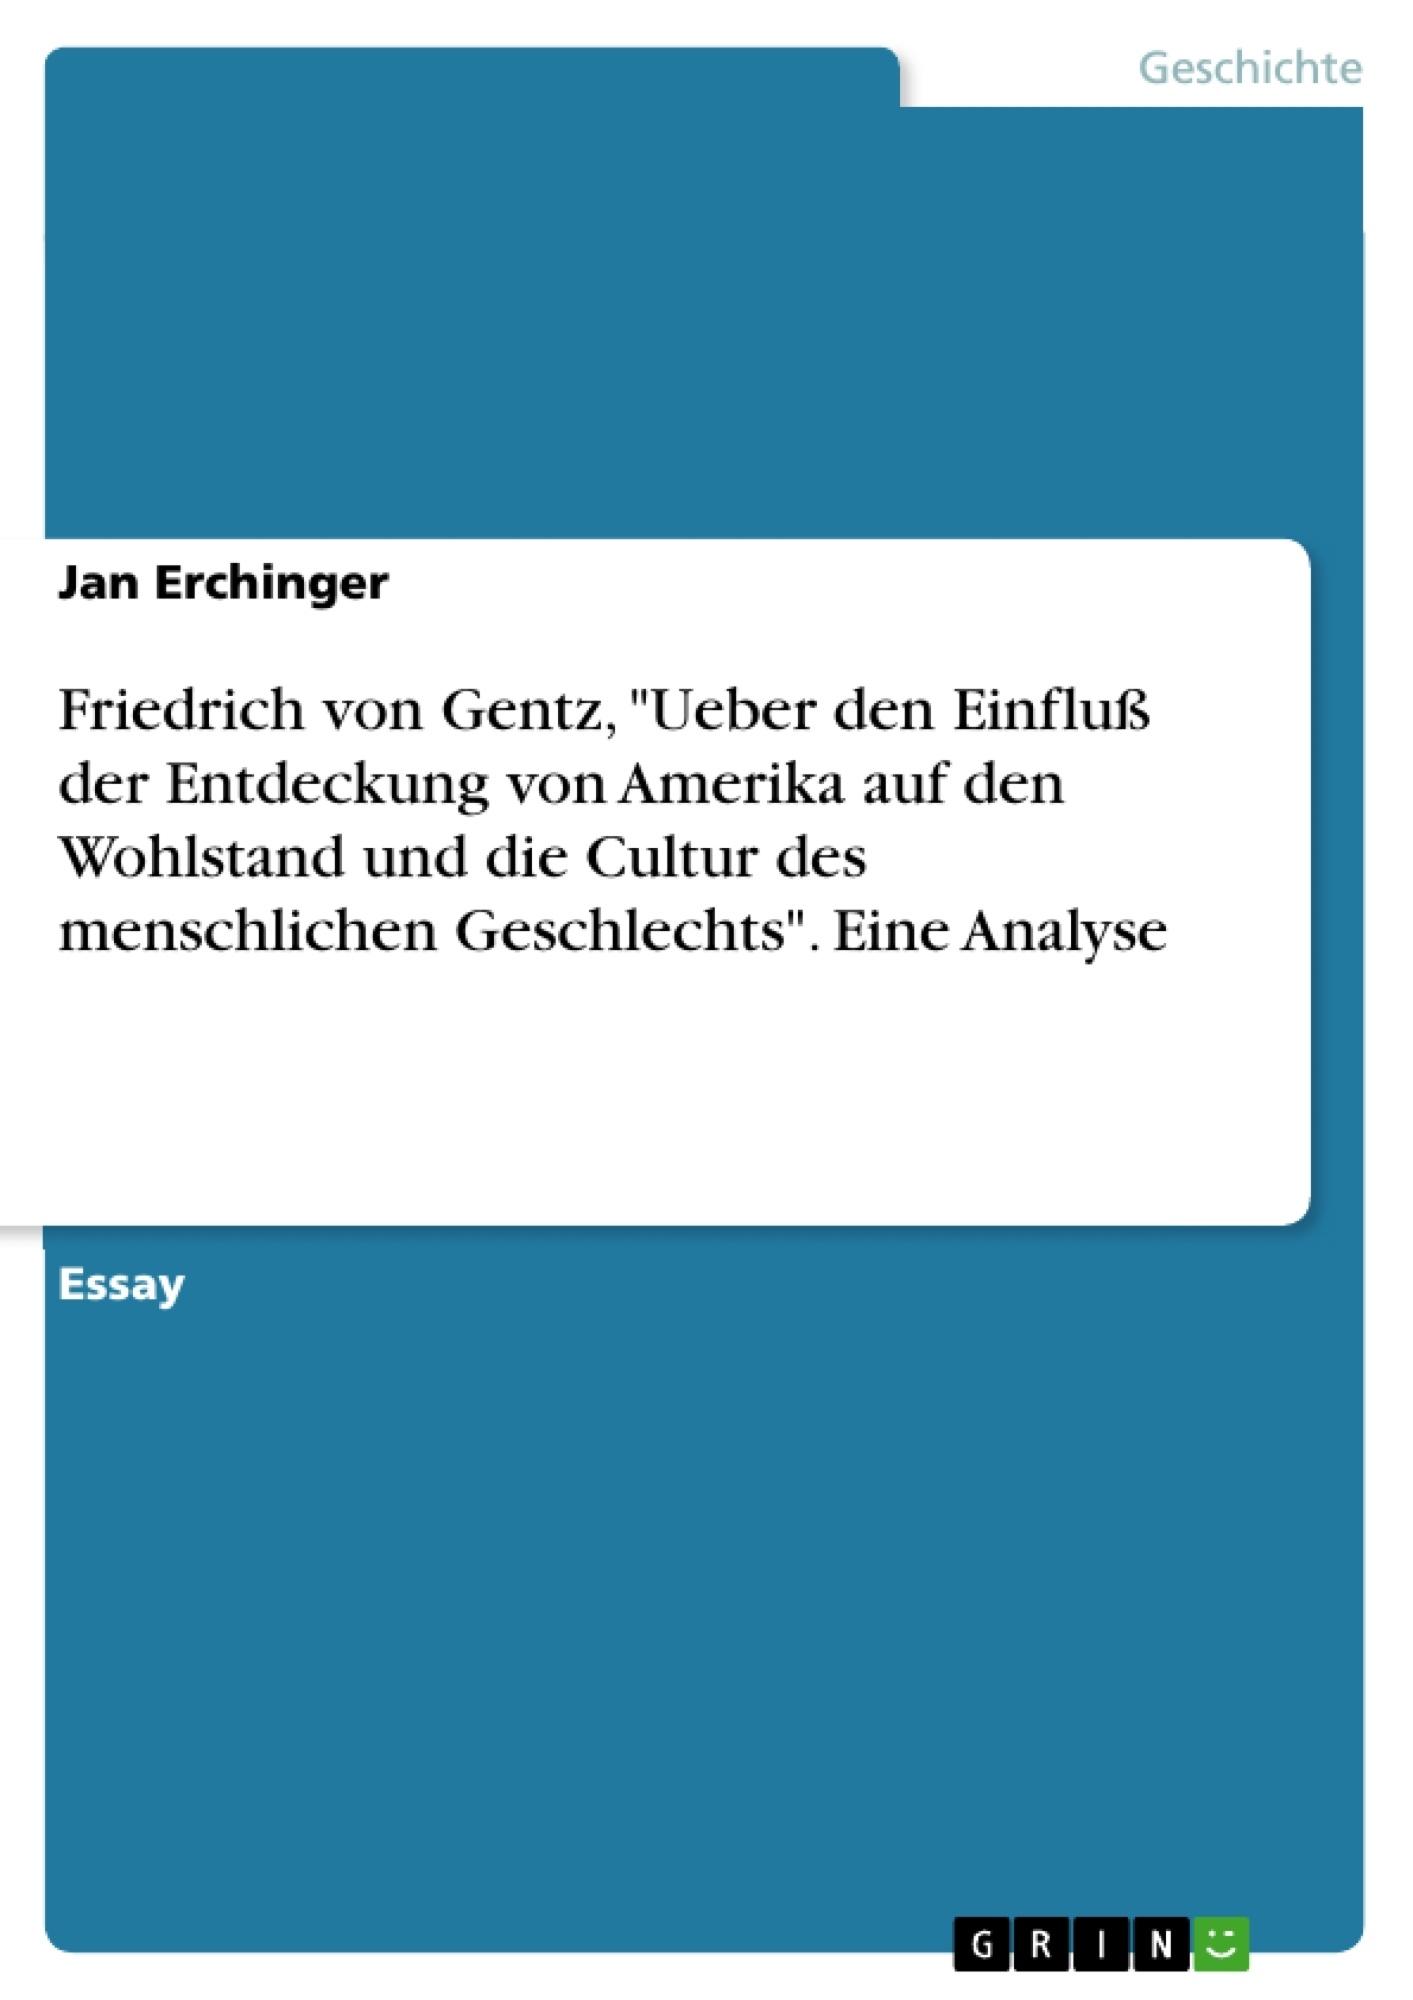 """Titel: Friedrich von Gentz, """"Ueber den Einfluß der Entdeckung von Amerika auf den Wohlstand und die Cultur des menschlichen Geschlechts"""". Eine Analyse"""